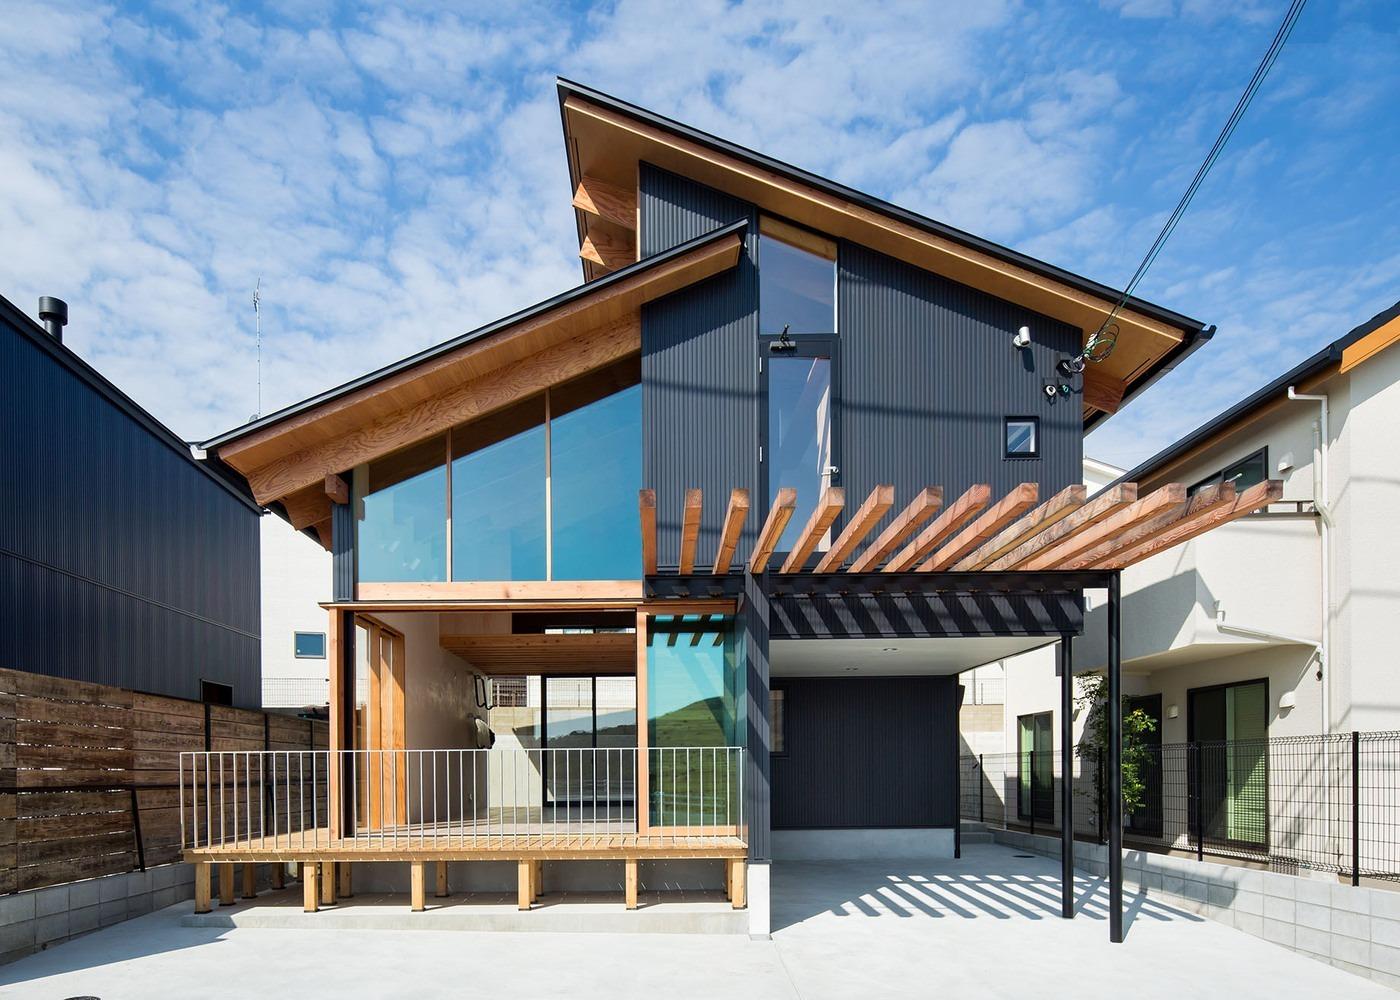 House Tarumi / Yo Irie Architec - red_wolf | ello